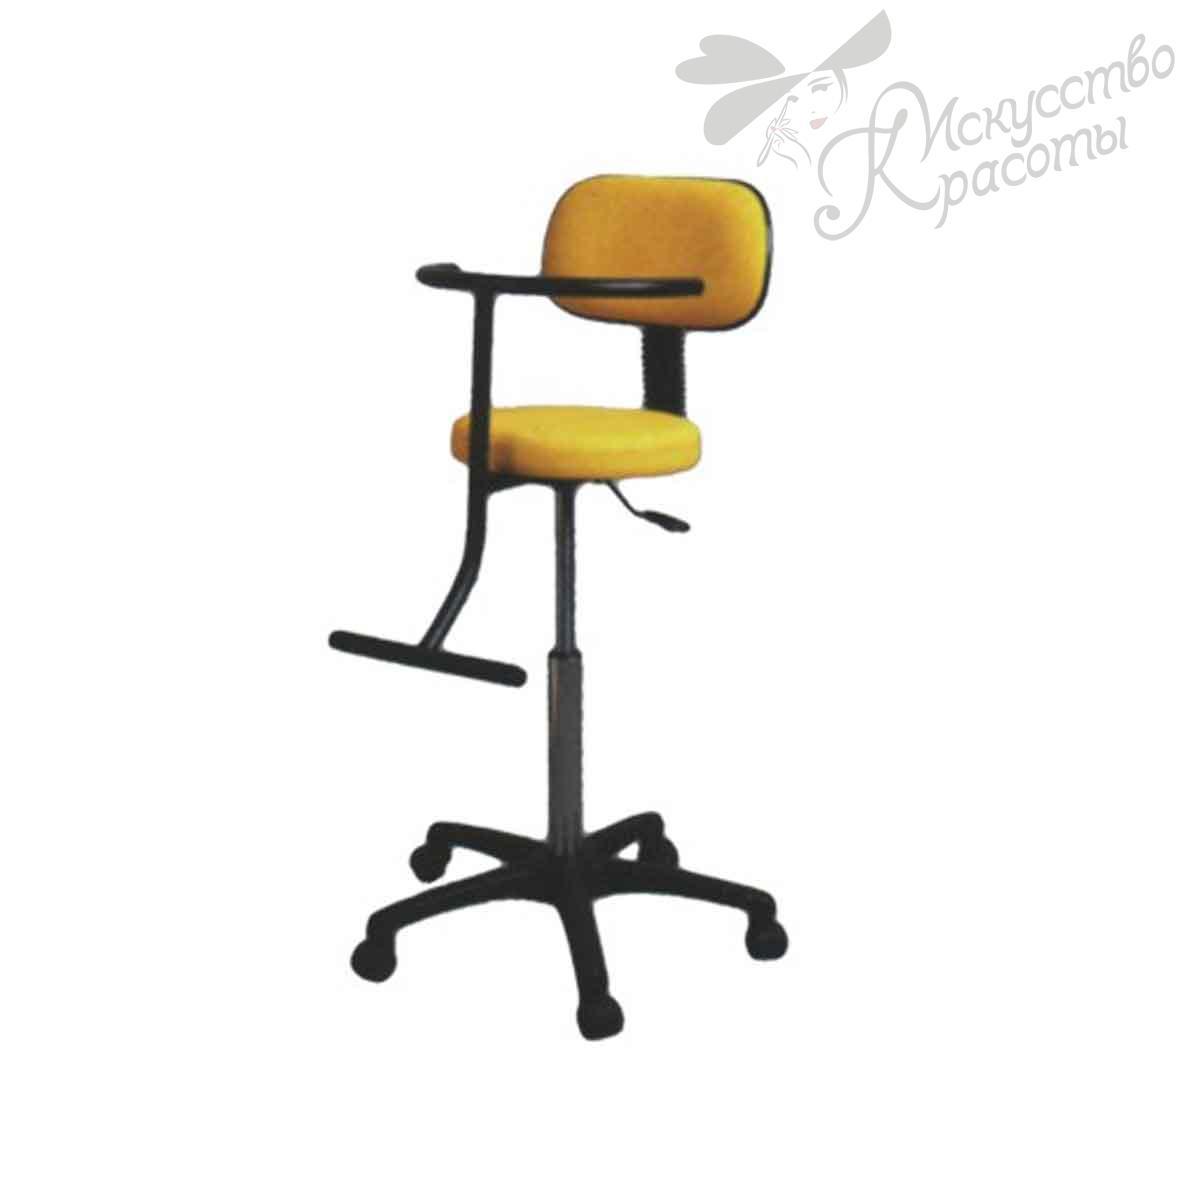 Детское кресло без аппликаций